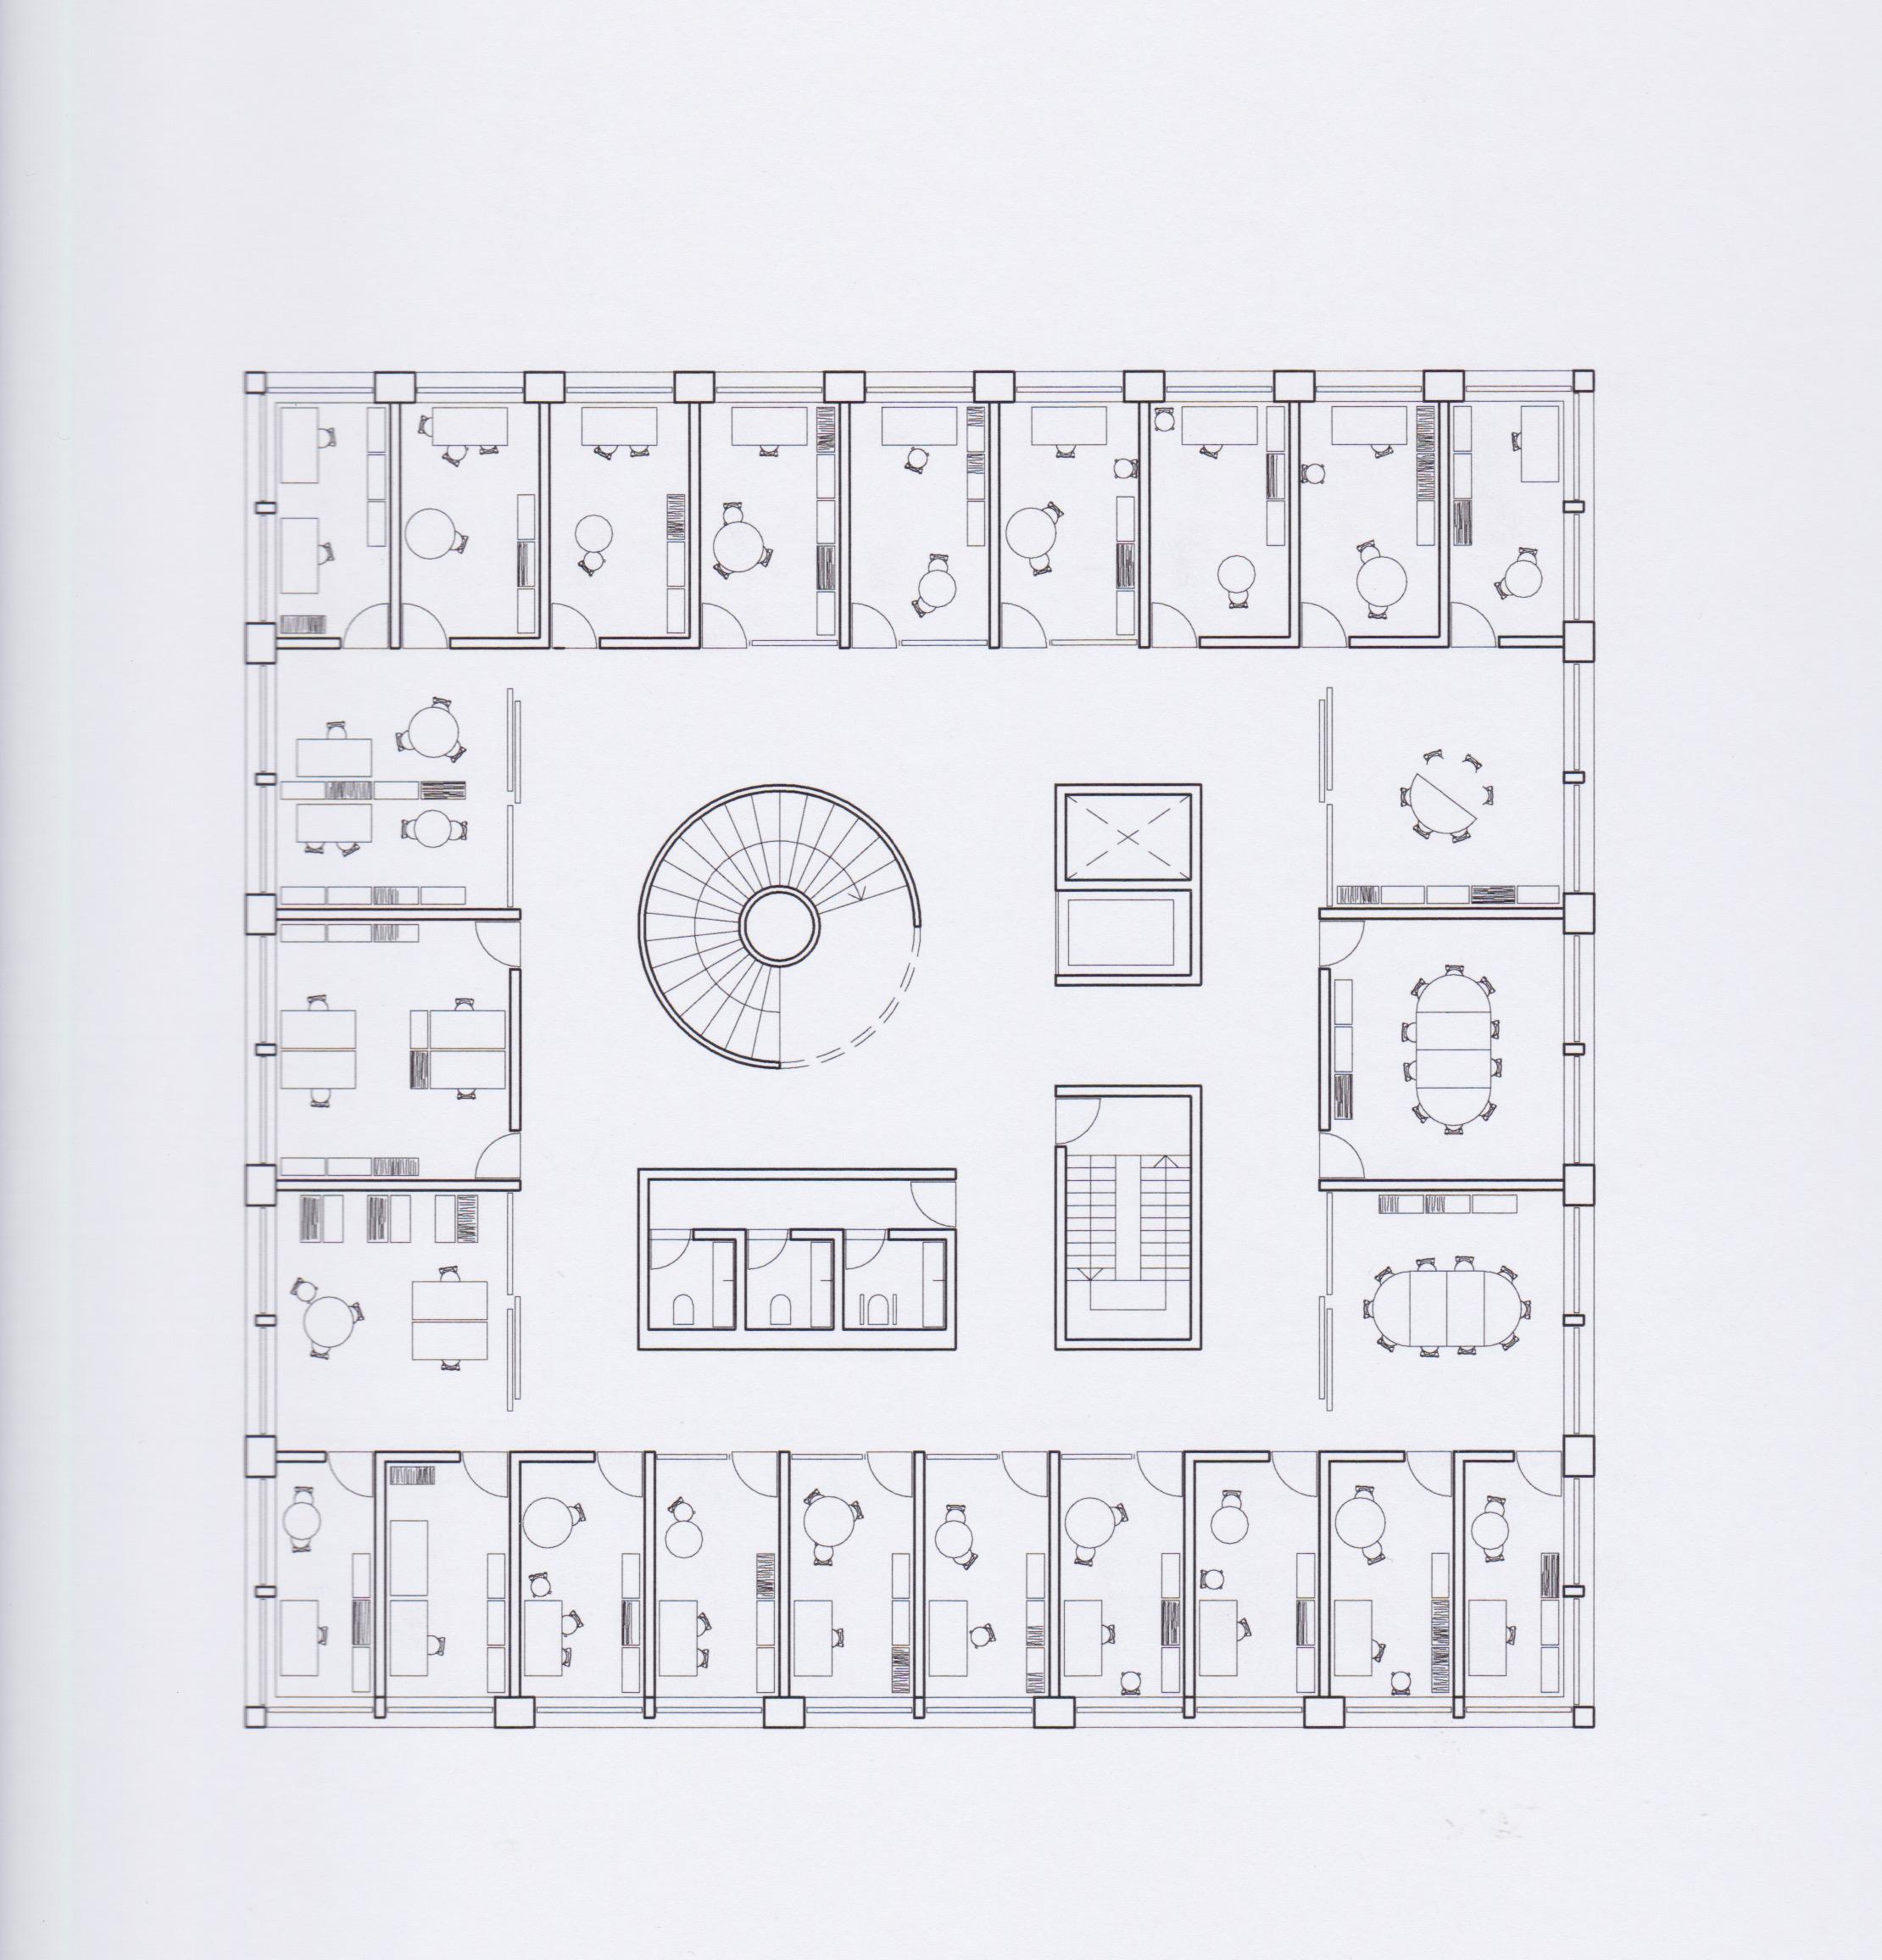 etageplan Tønder rådhus